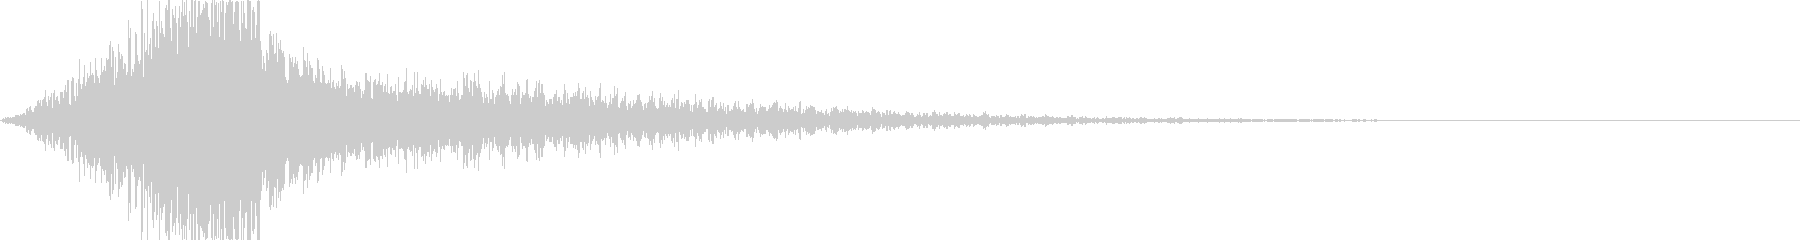 迫力のサウンドをタイトルロゴにの未再生の波形